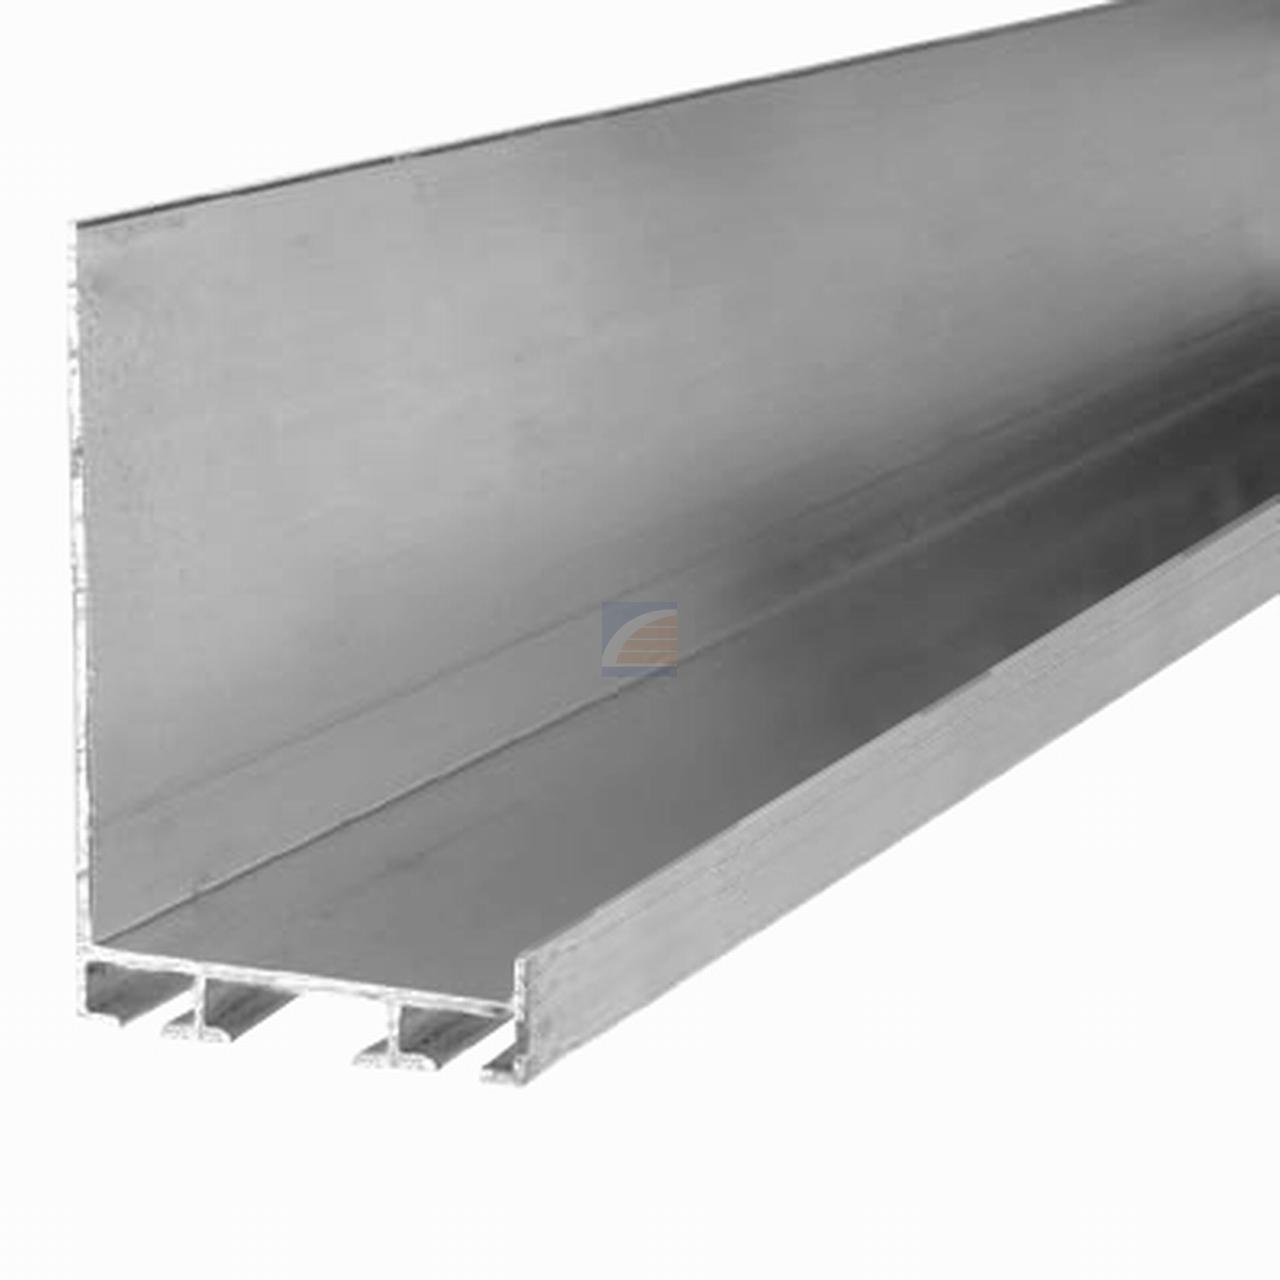 Bodemprofiel voor 40mm panelen